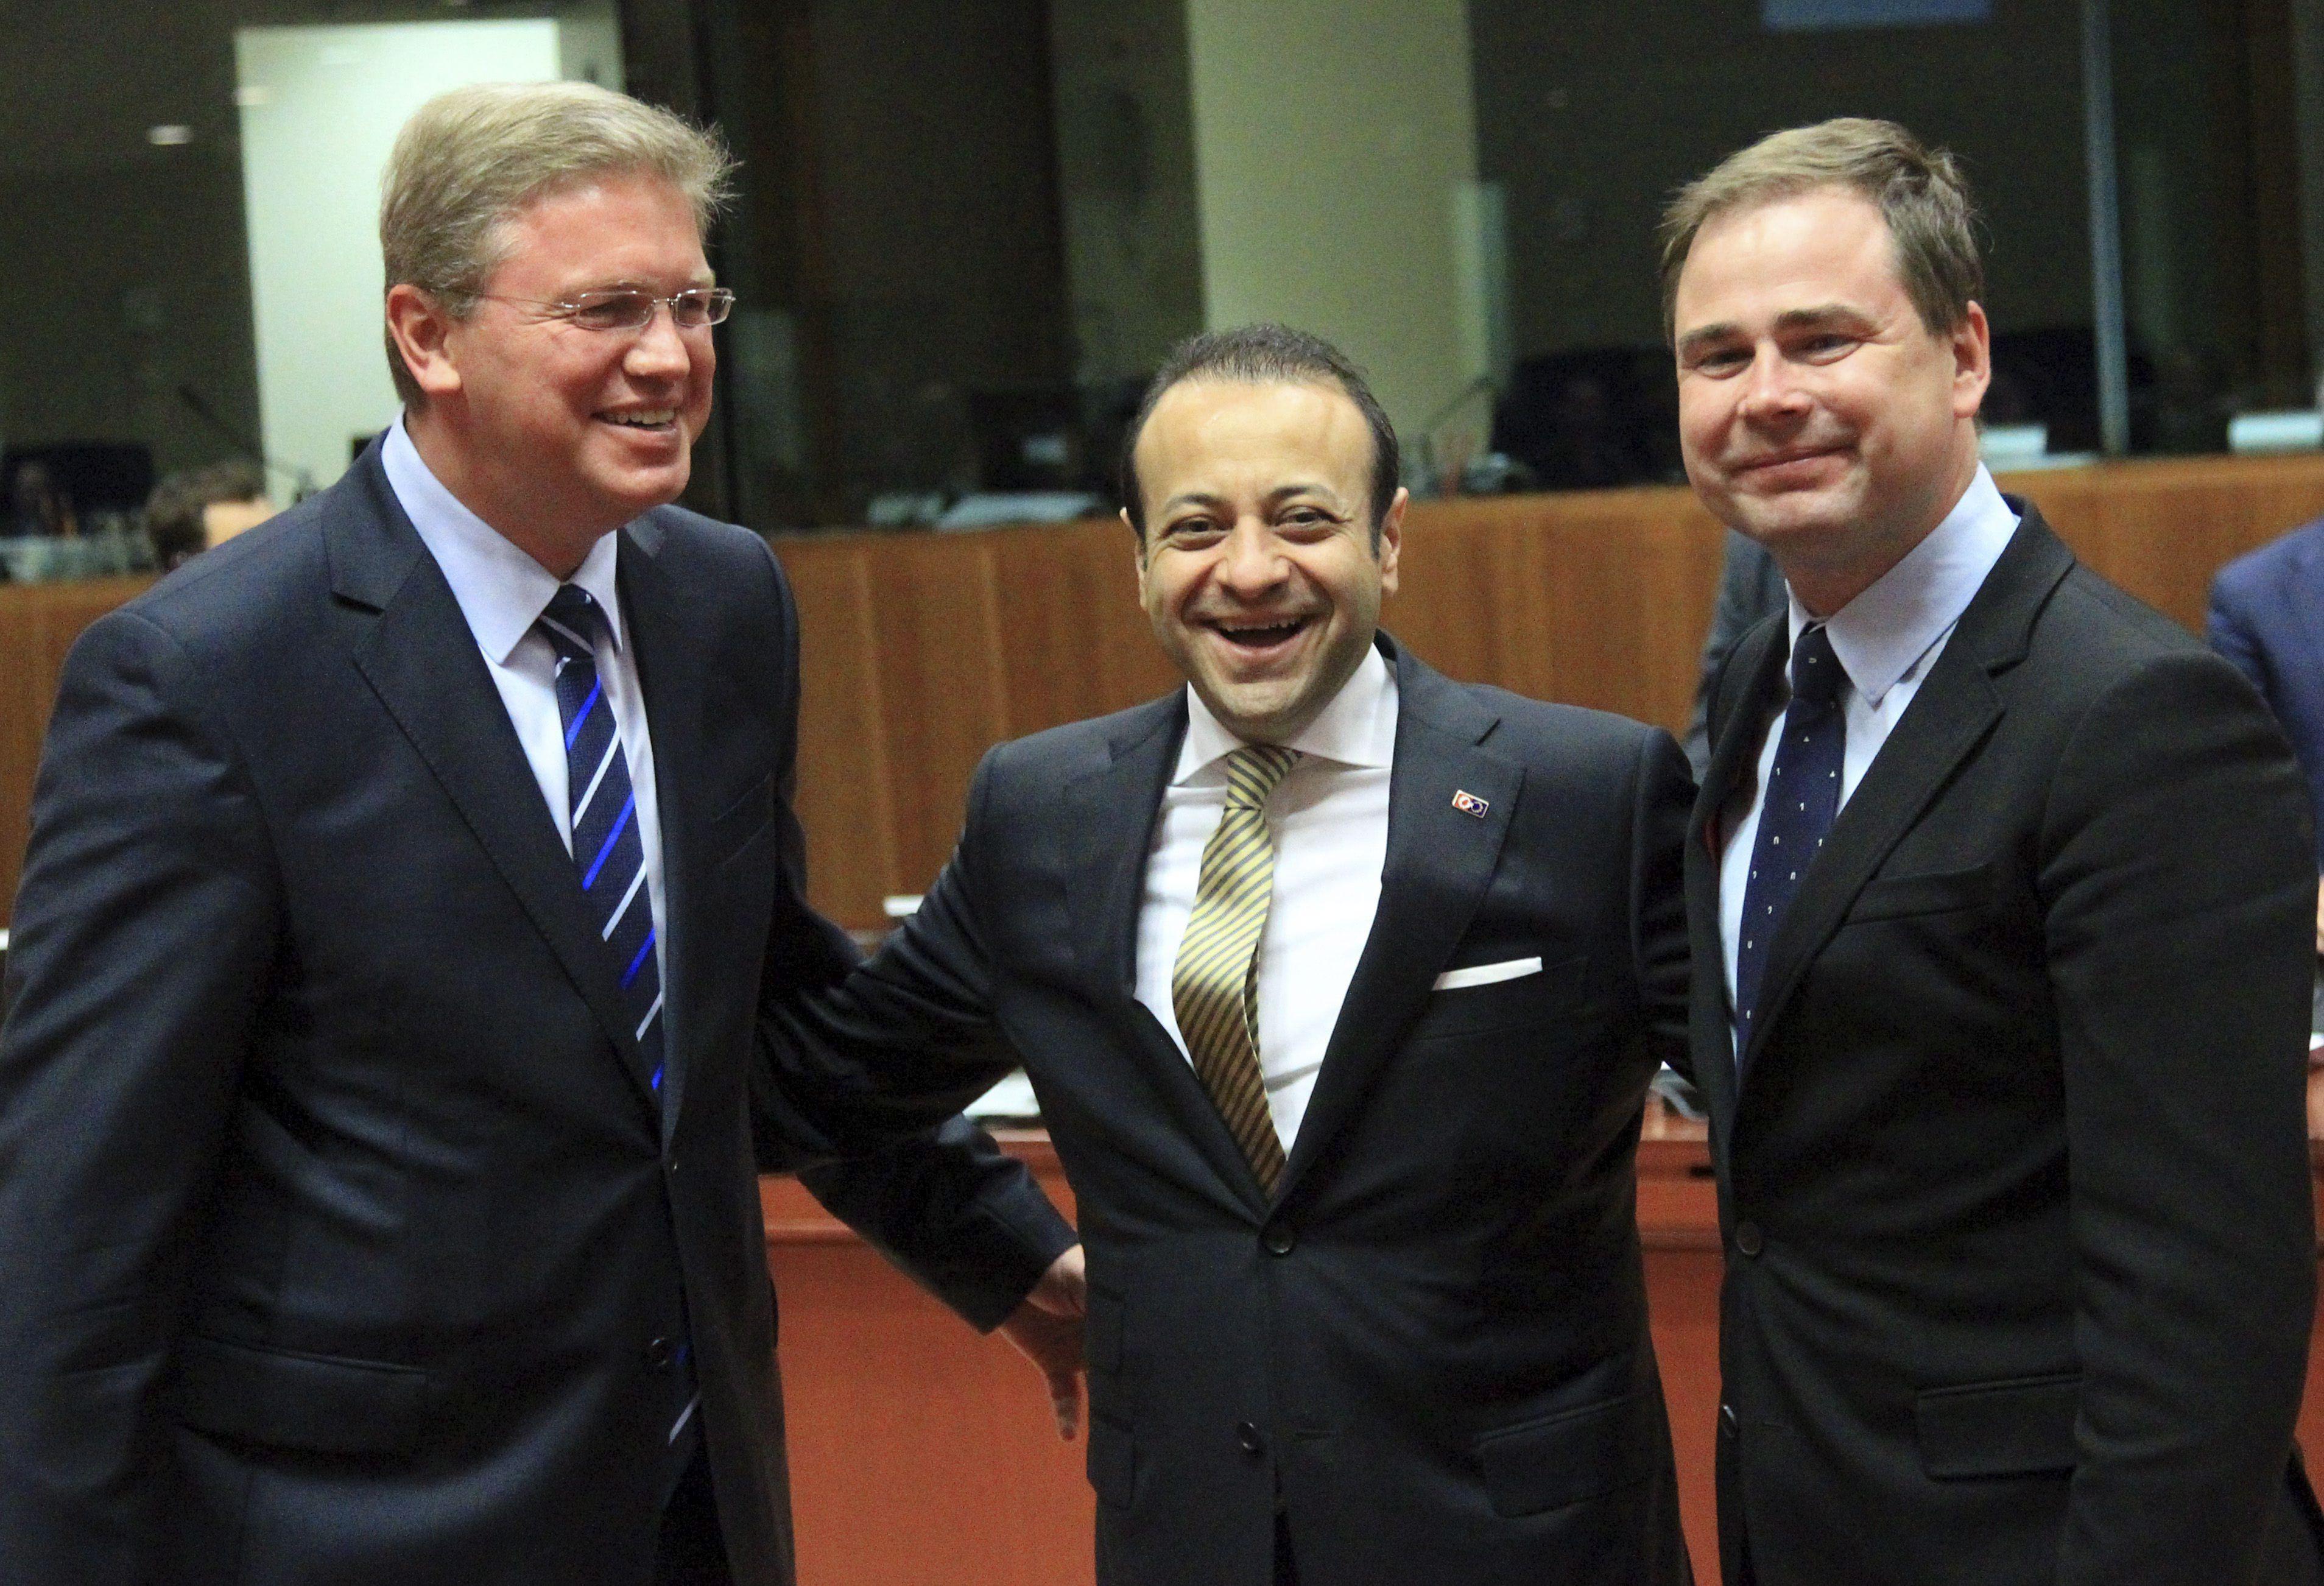 La UE retrasa hasta el otoño las nuevas negociaciones de adhesión con Turquía